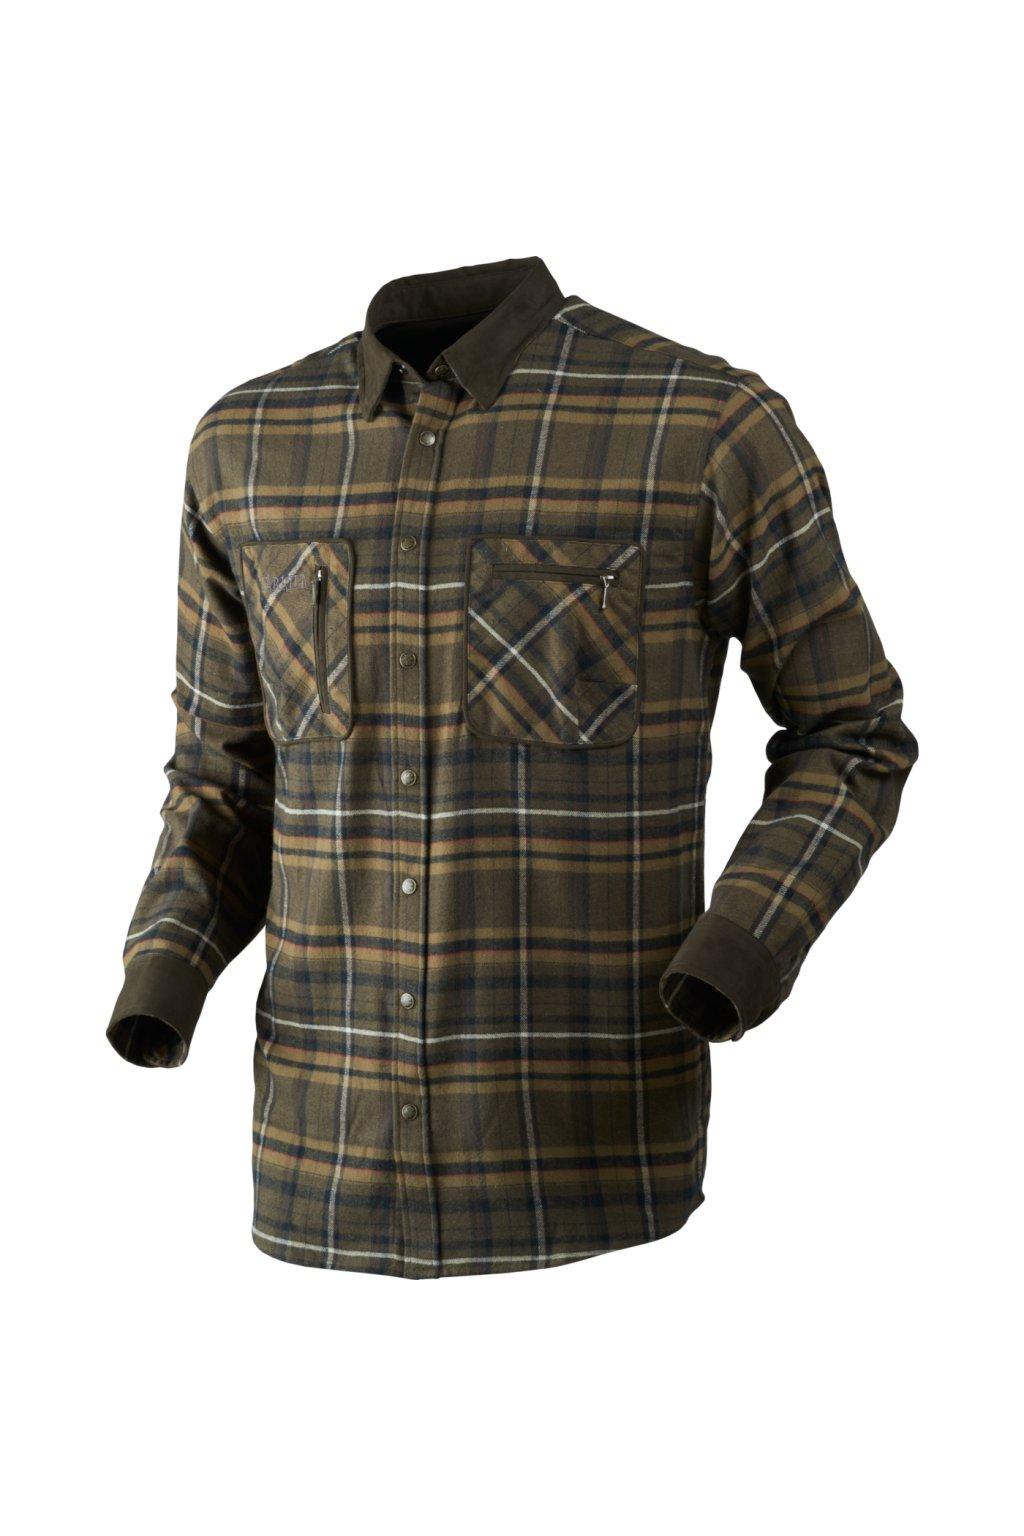 HÄRKILA  - Pajala košile pánská (Willow green check)